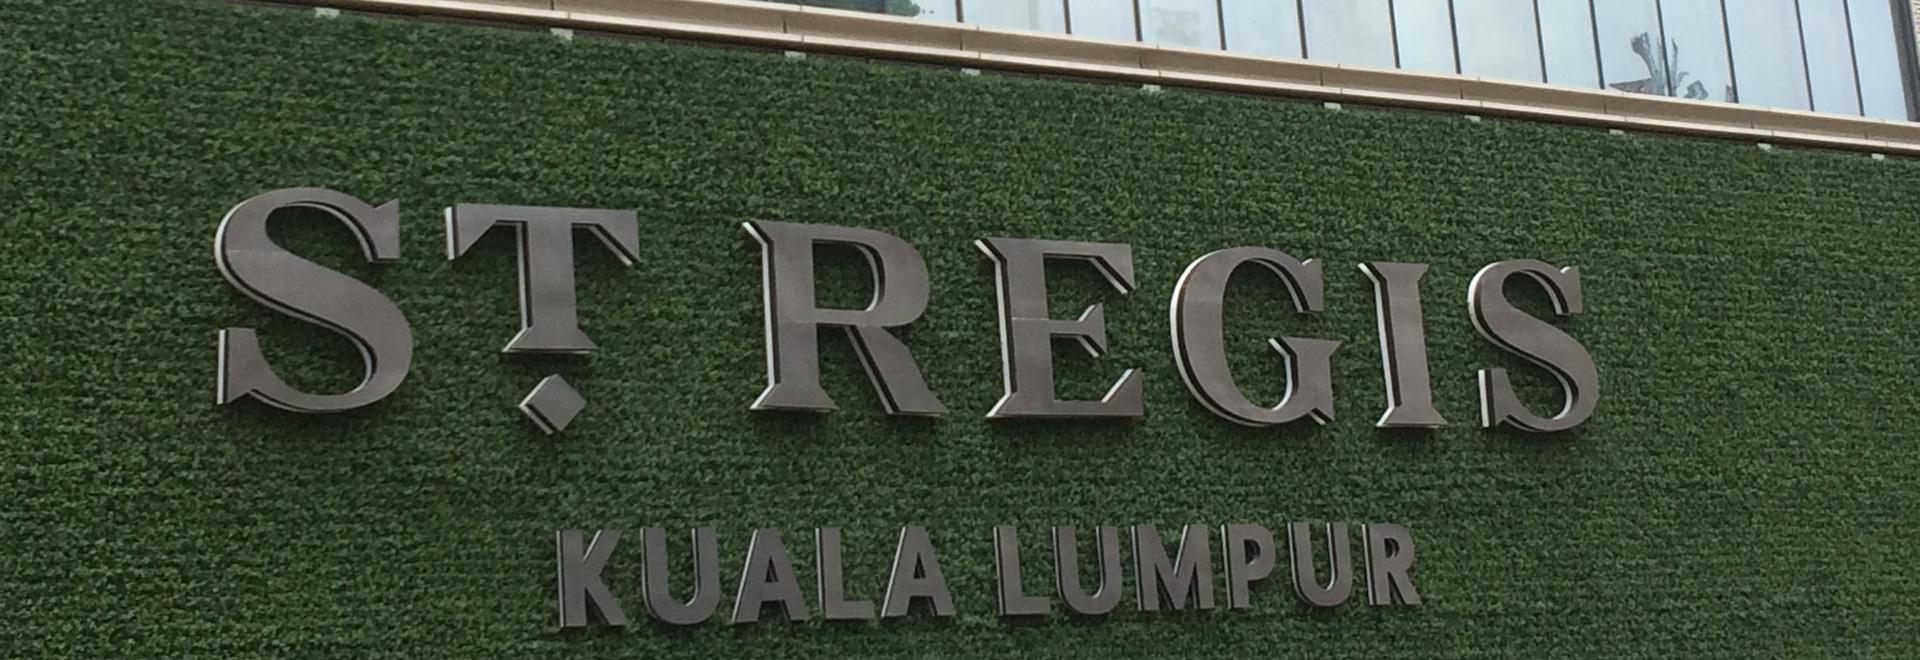 St. Regis Kuala Lumpur - Malaysia